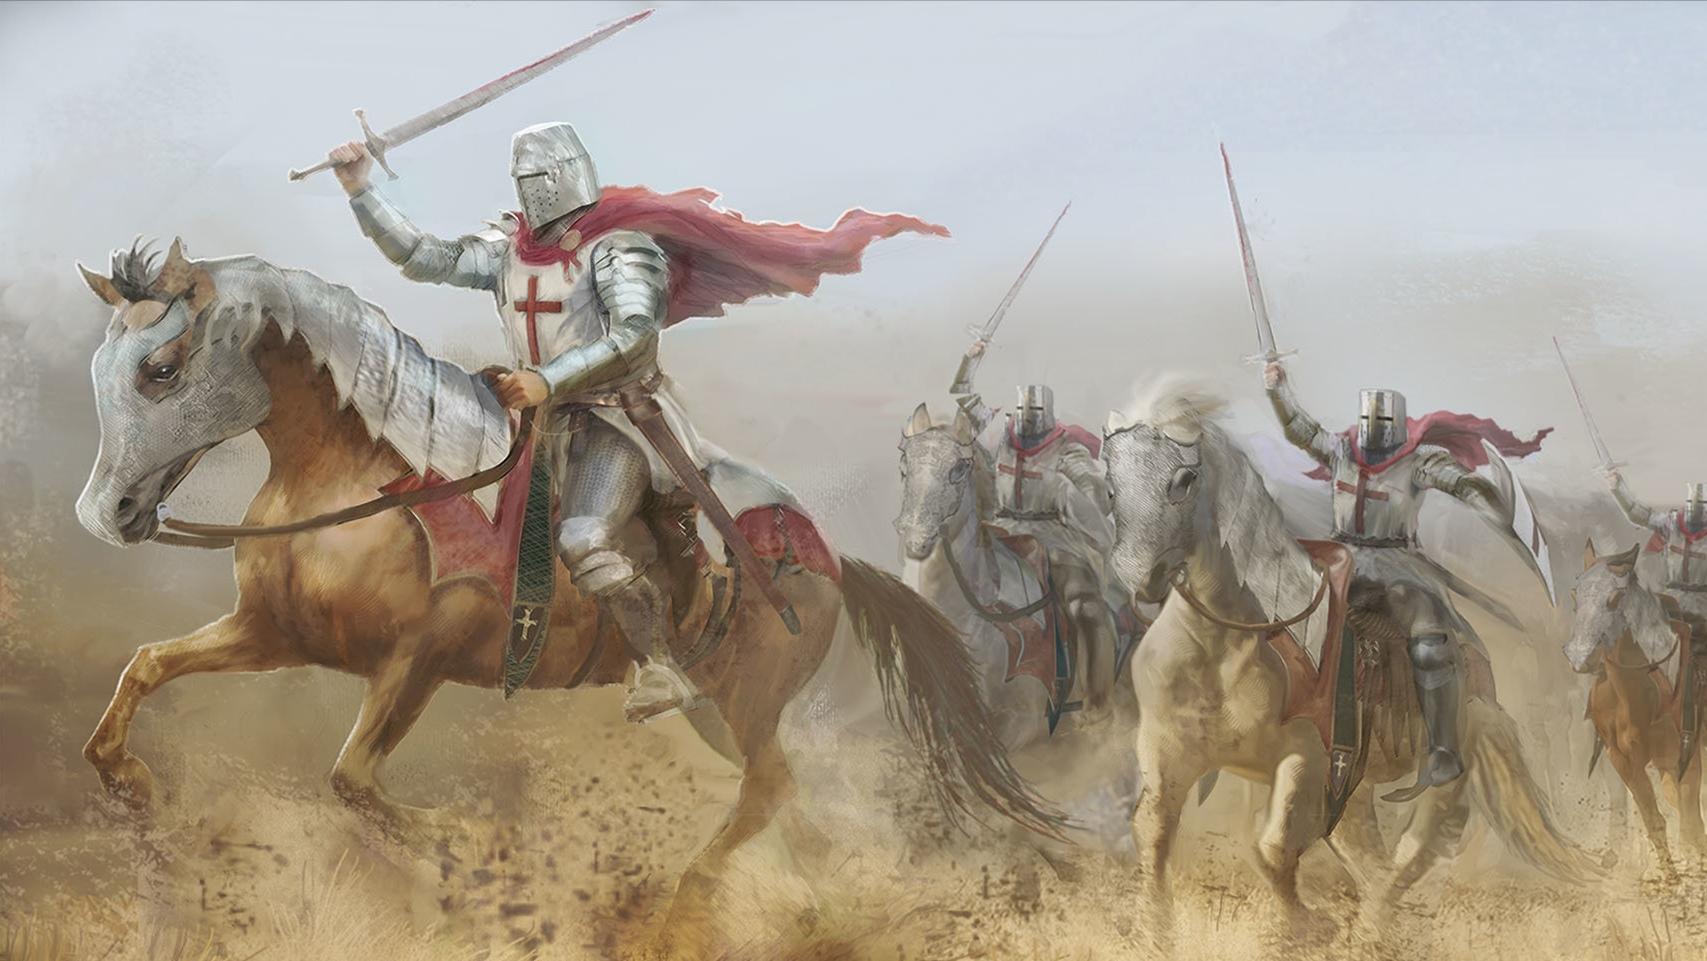 Oznámení Age of Empires II Definitive Edition je možná blíže než se zdá